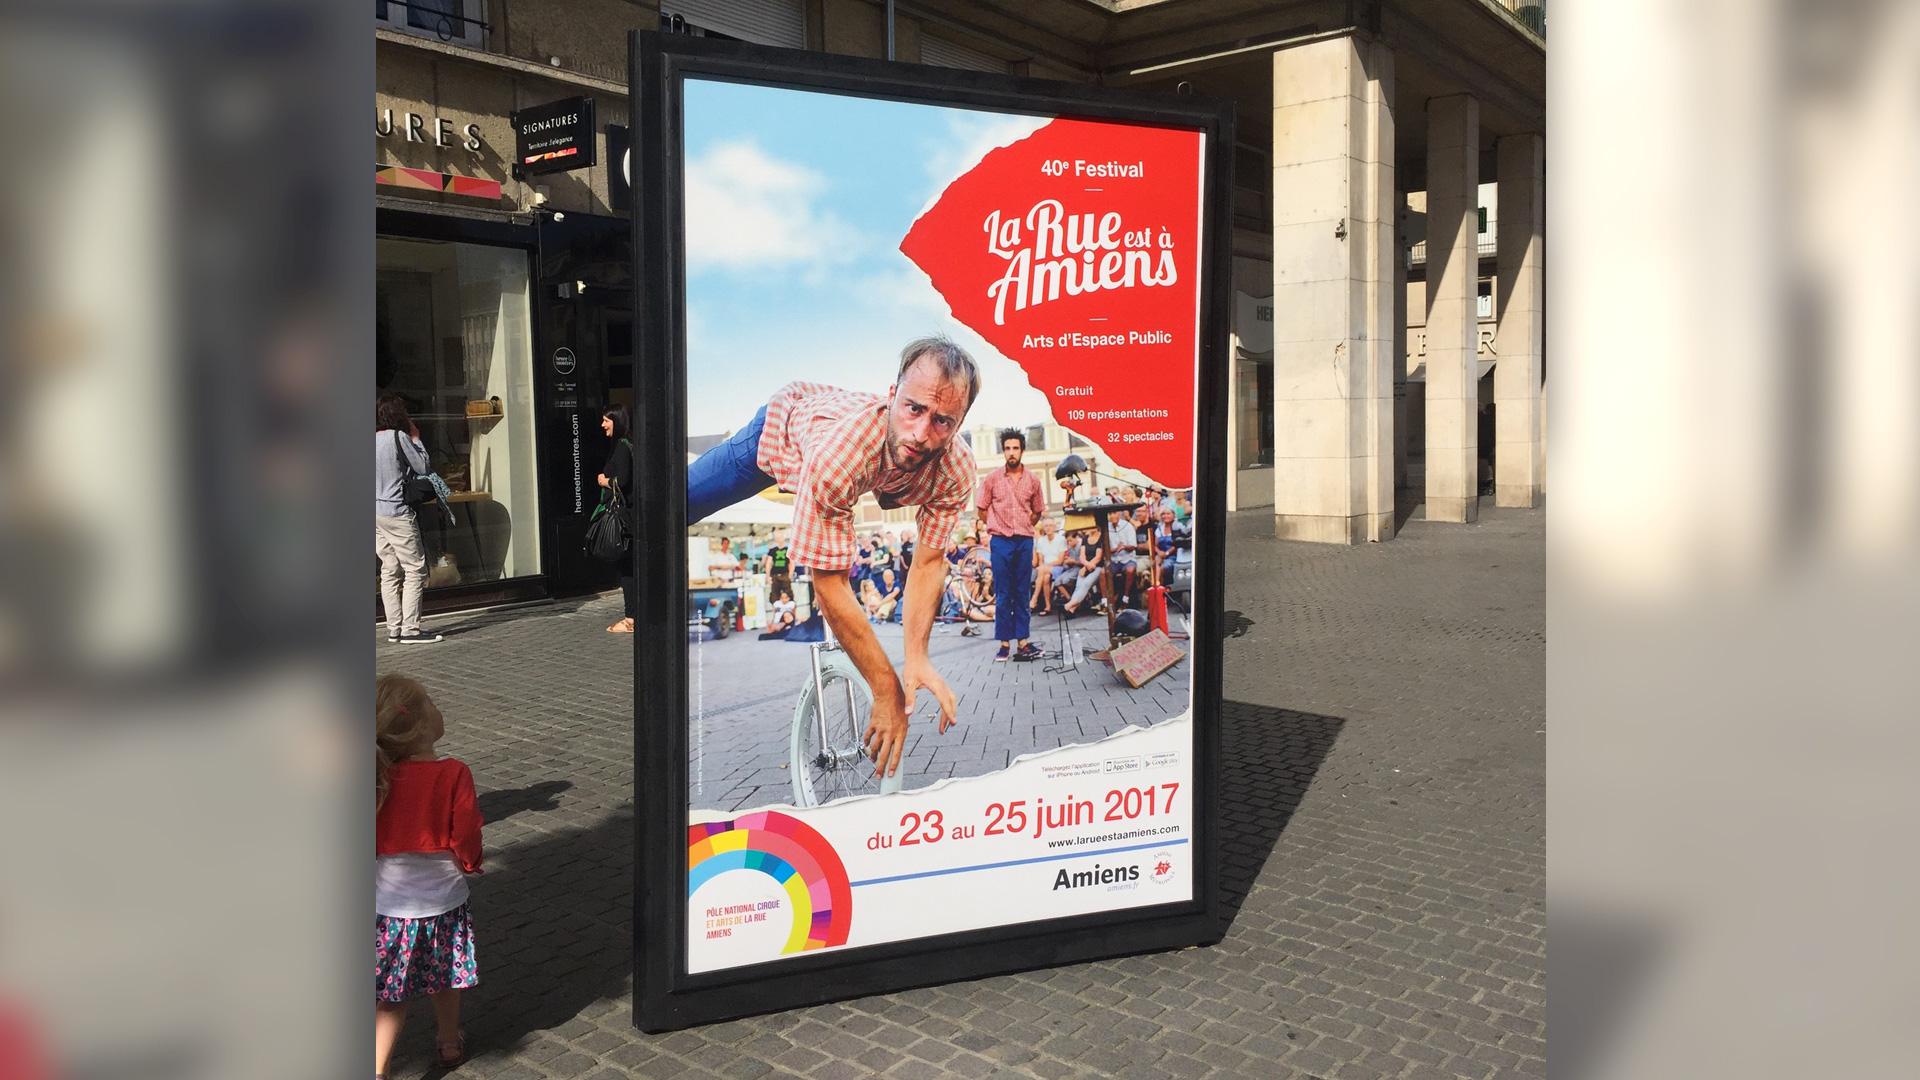 La Rue est à Amiens 2017 – Festival